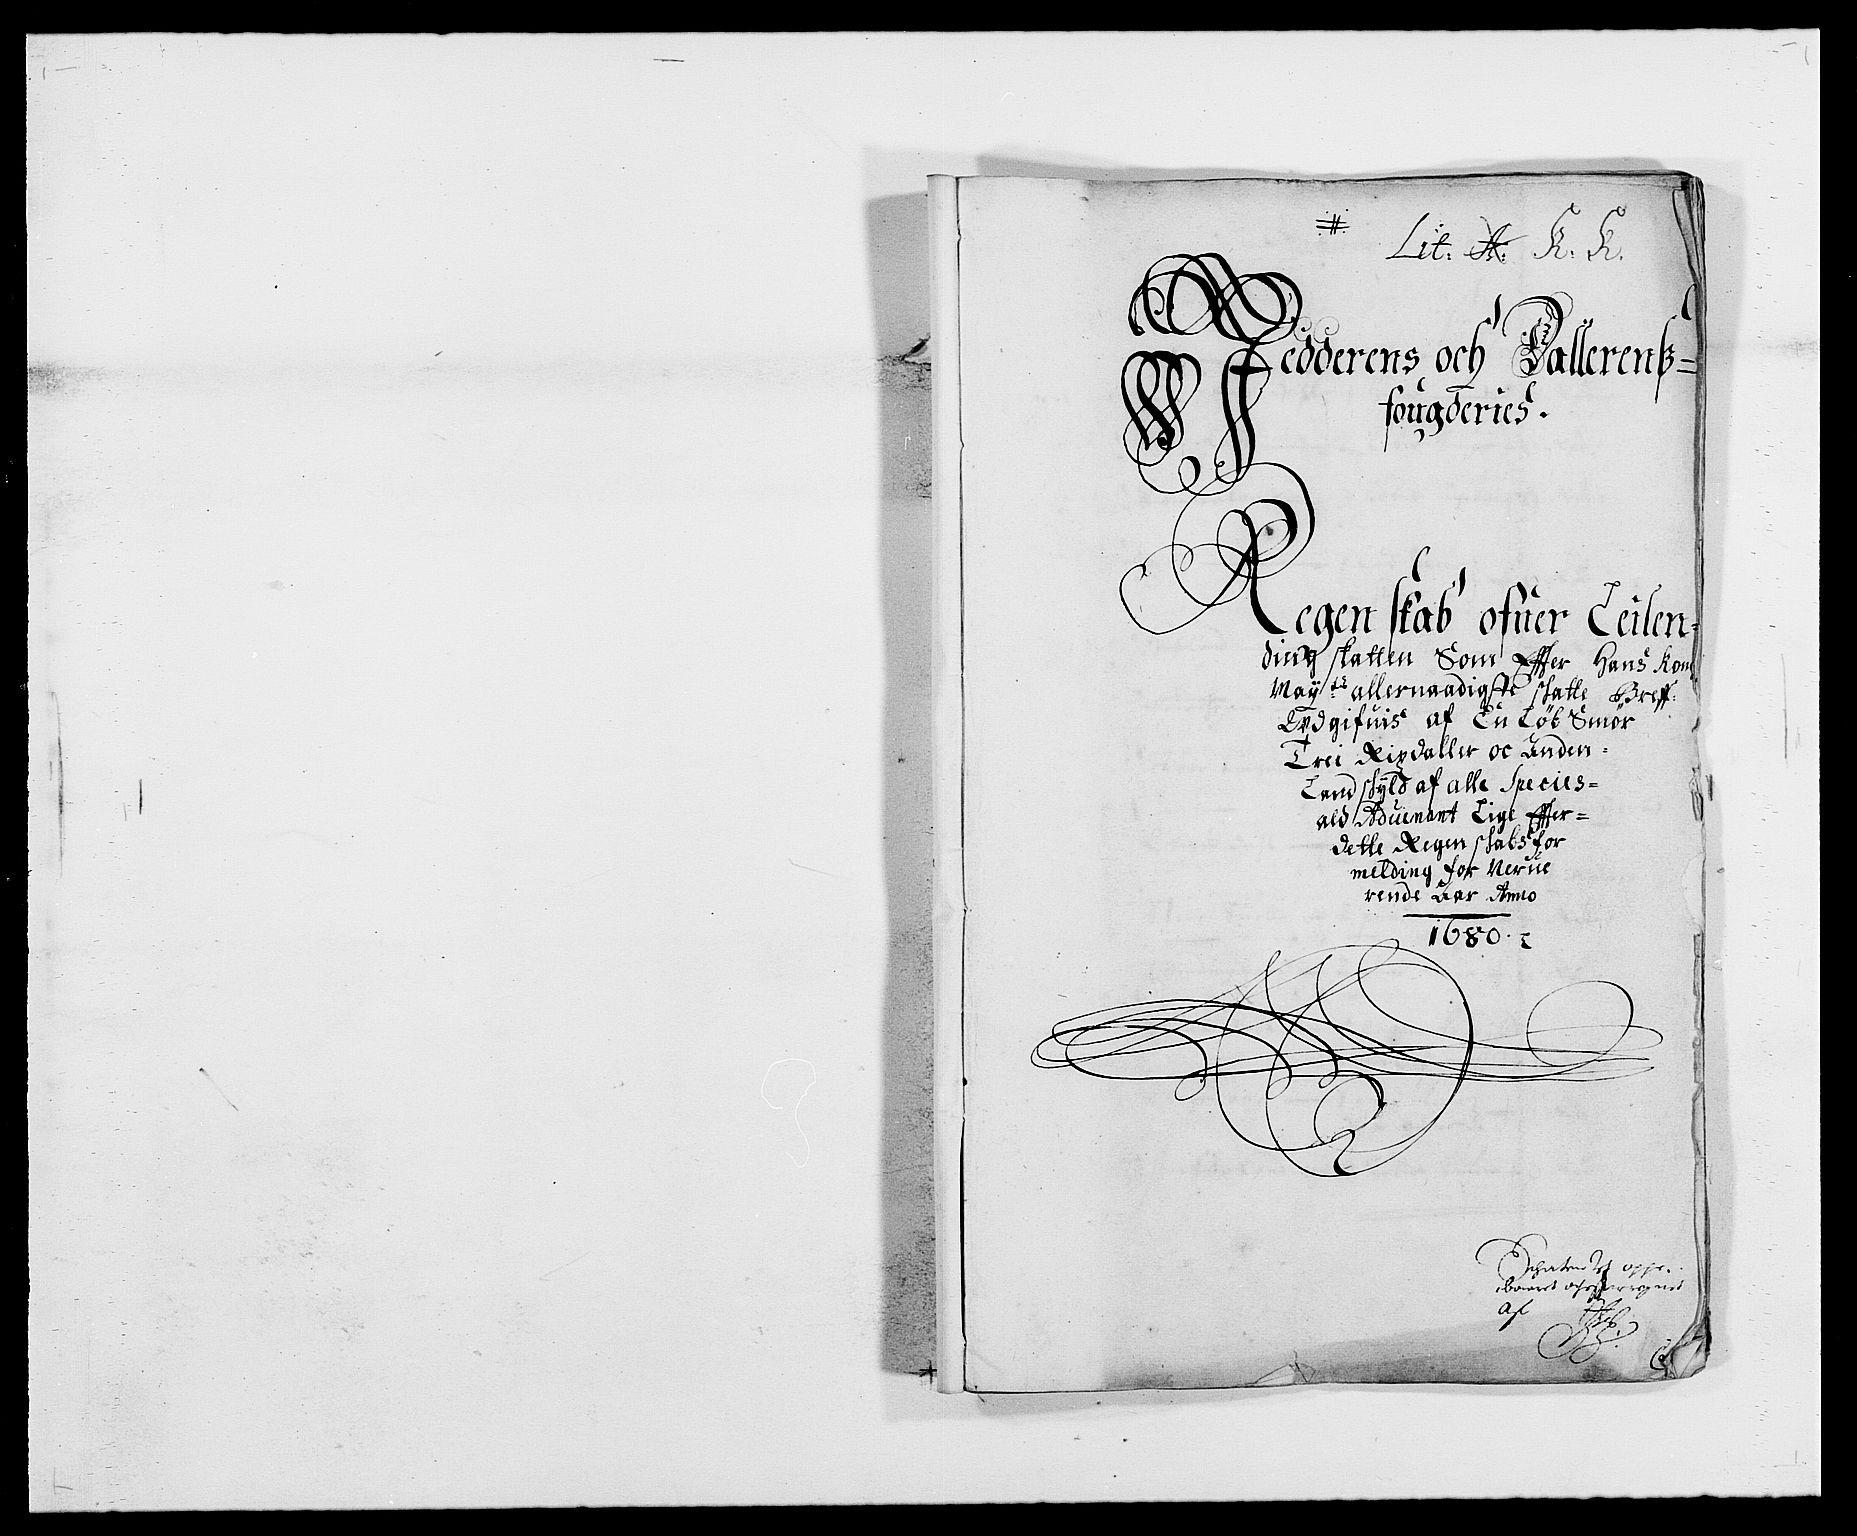 RA, Rentekammeret inntil 1814, Reviderte regnskaper, Fogderegnskap, R46/L2721: Fogderegnskap Jæren og Dalane, 1680, s. 1